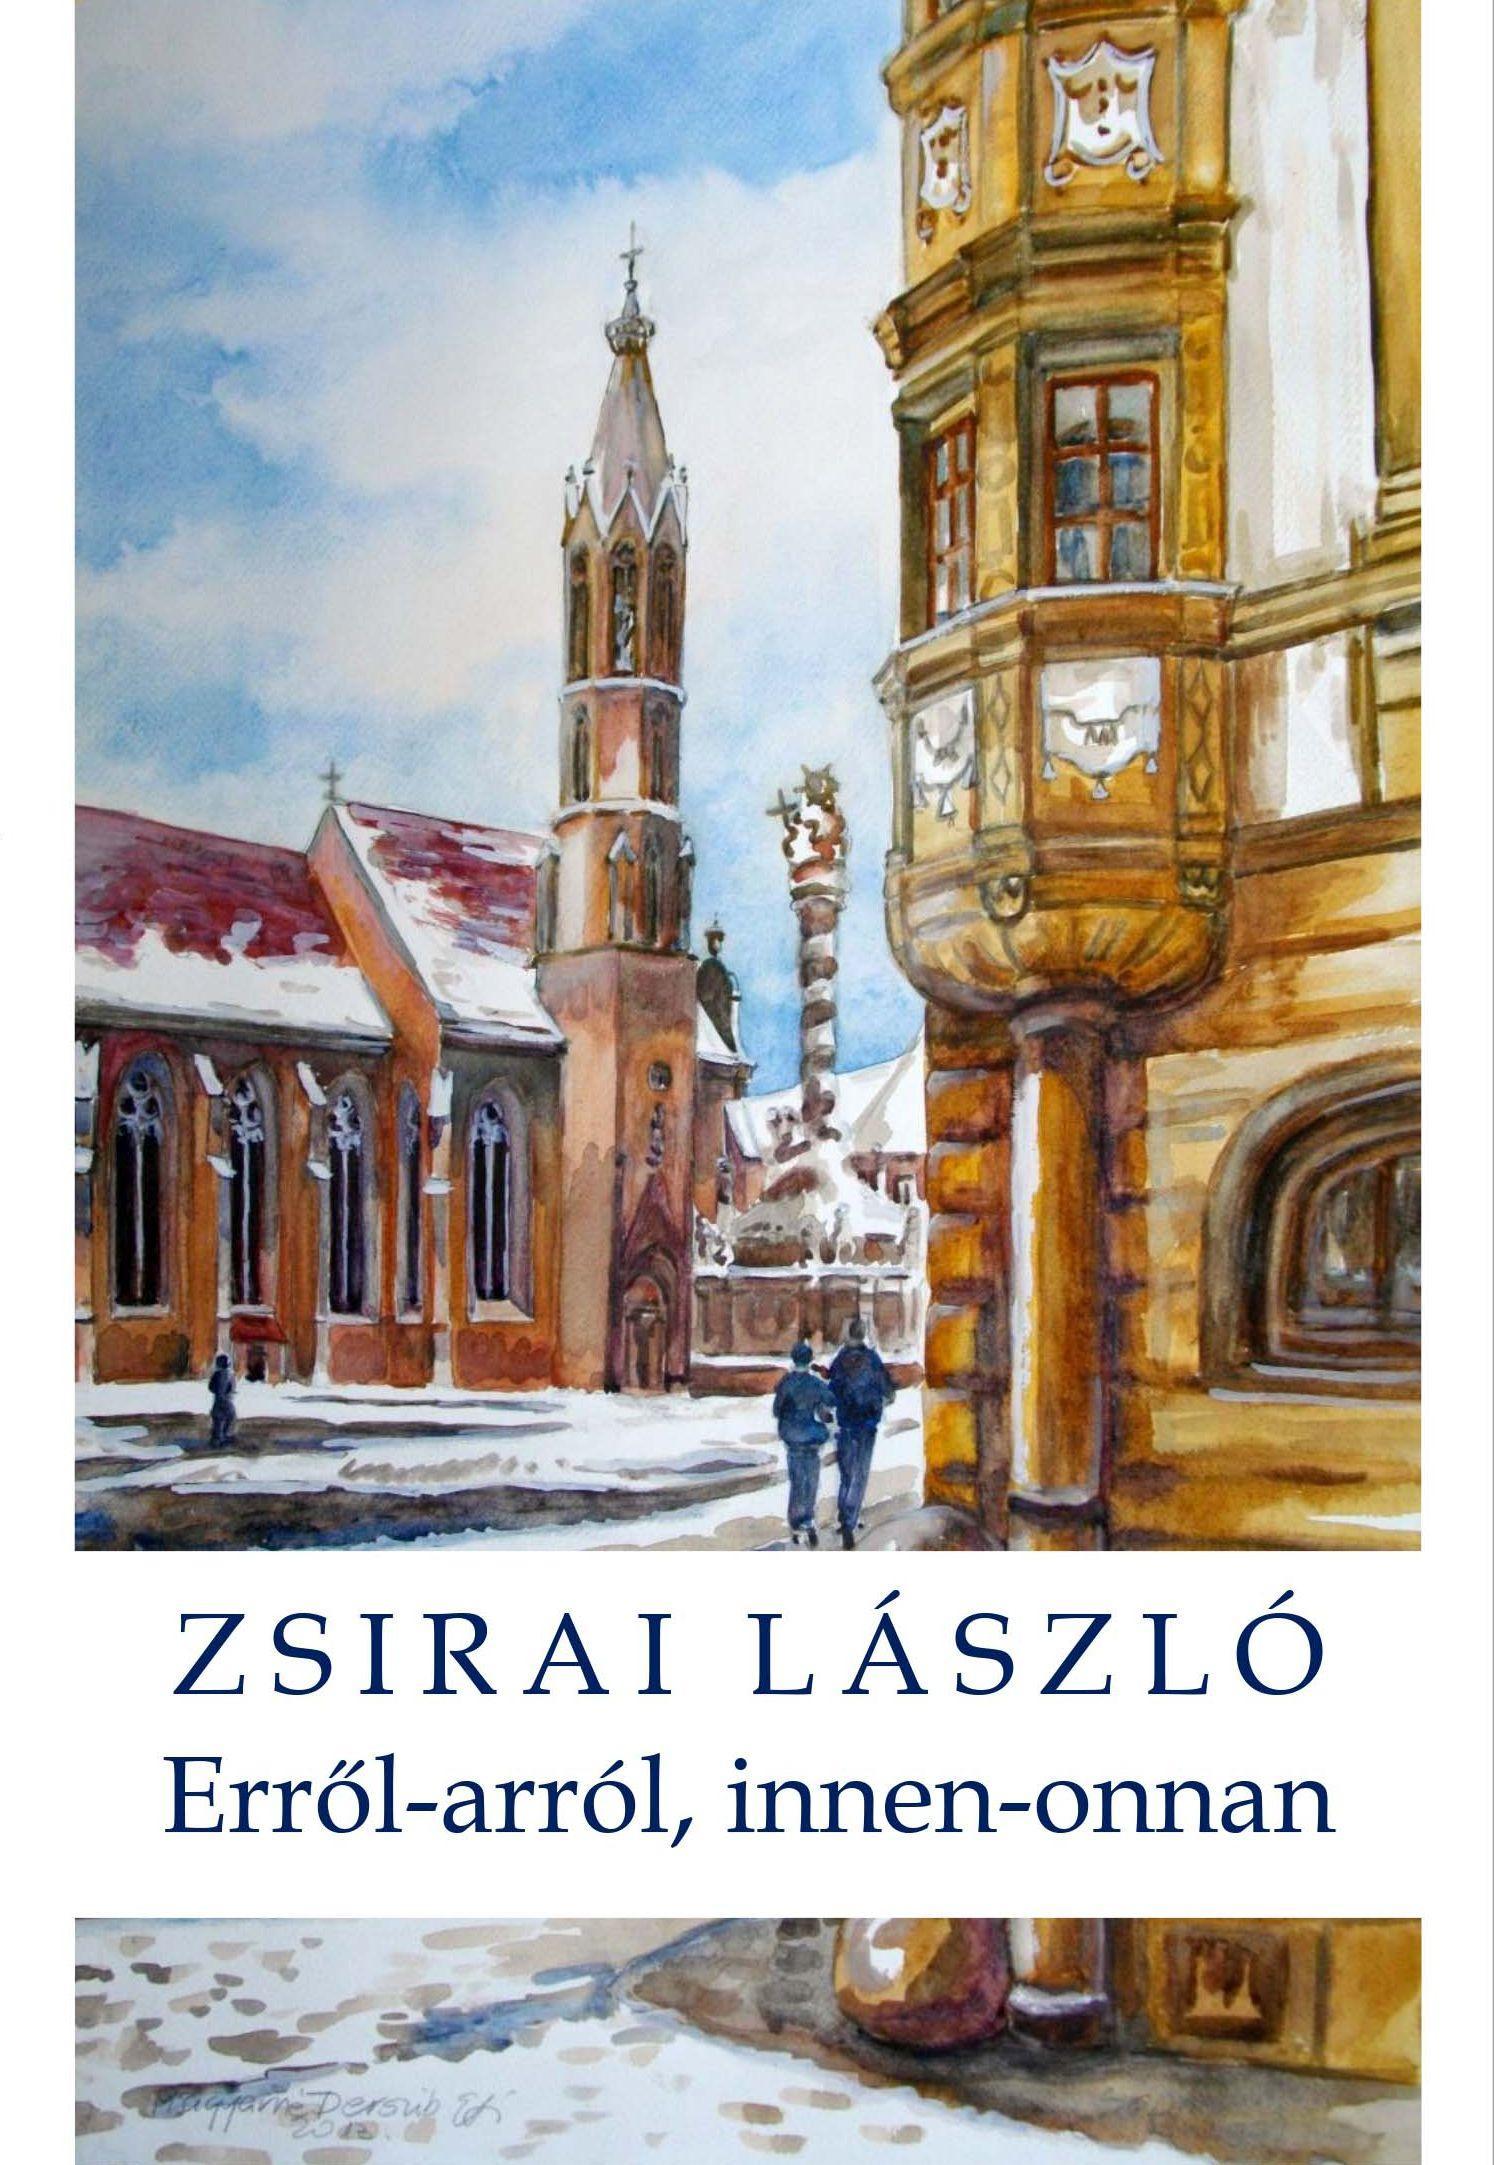 ZSIRAI LÁSZLÓ - ERRŐL-ARRÓL, INNEN-ONNAN